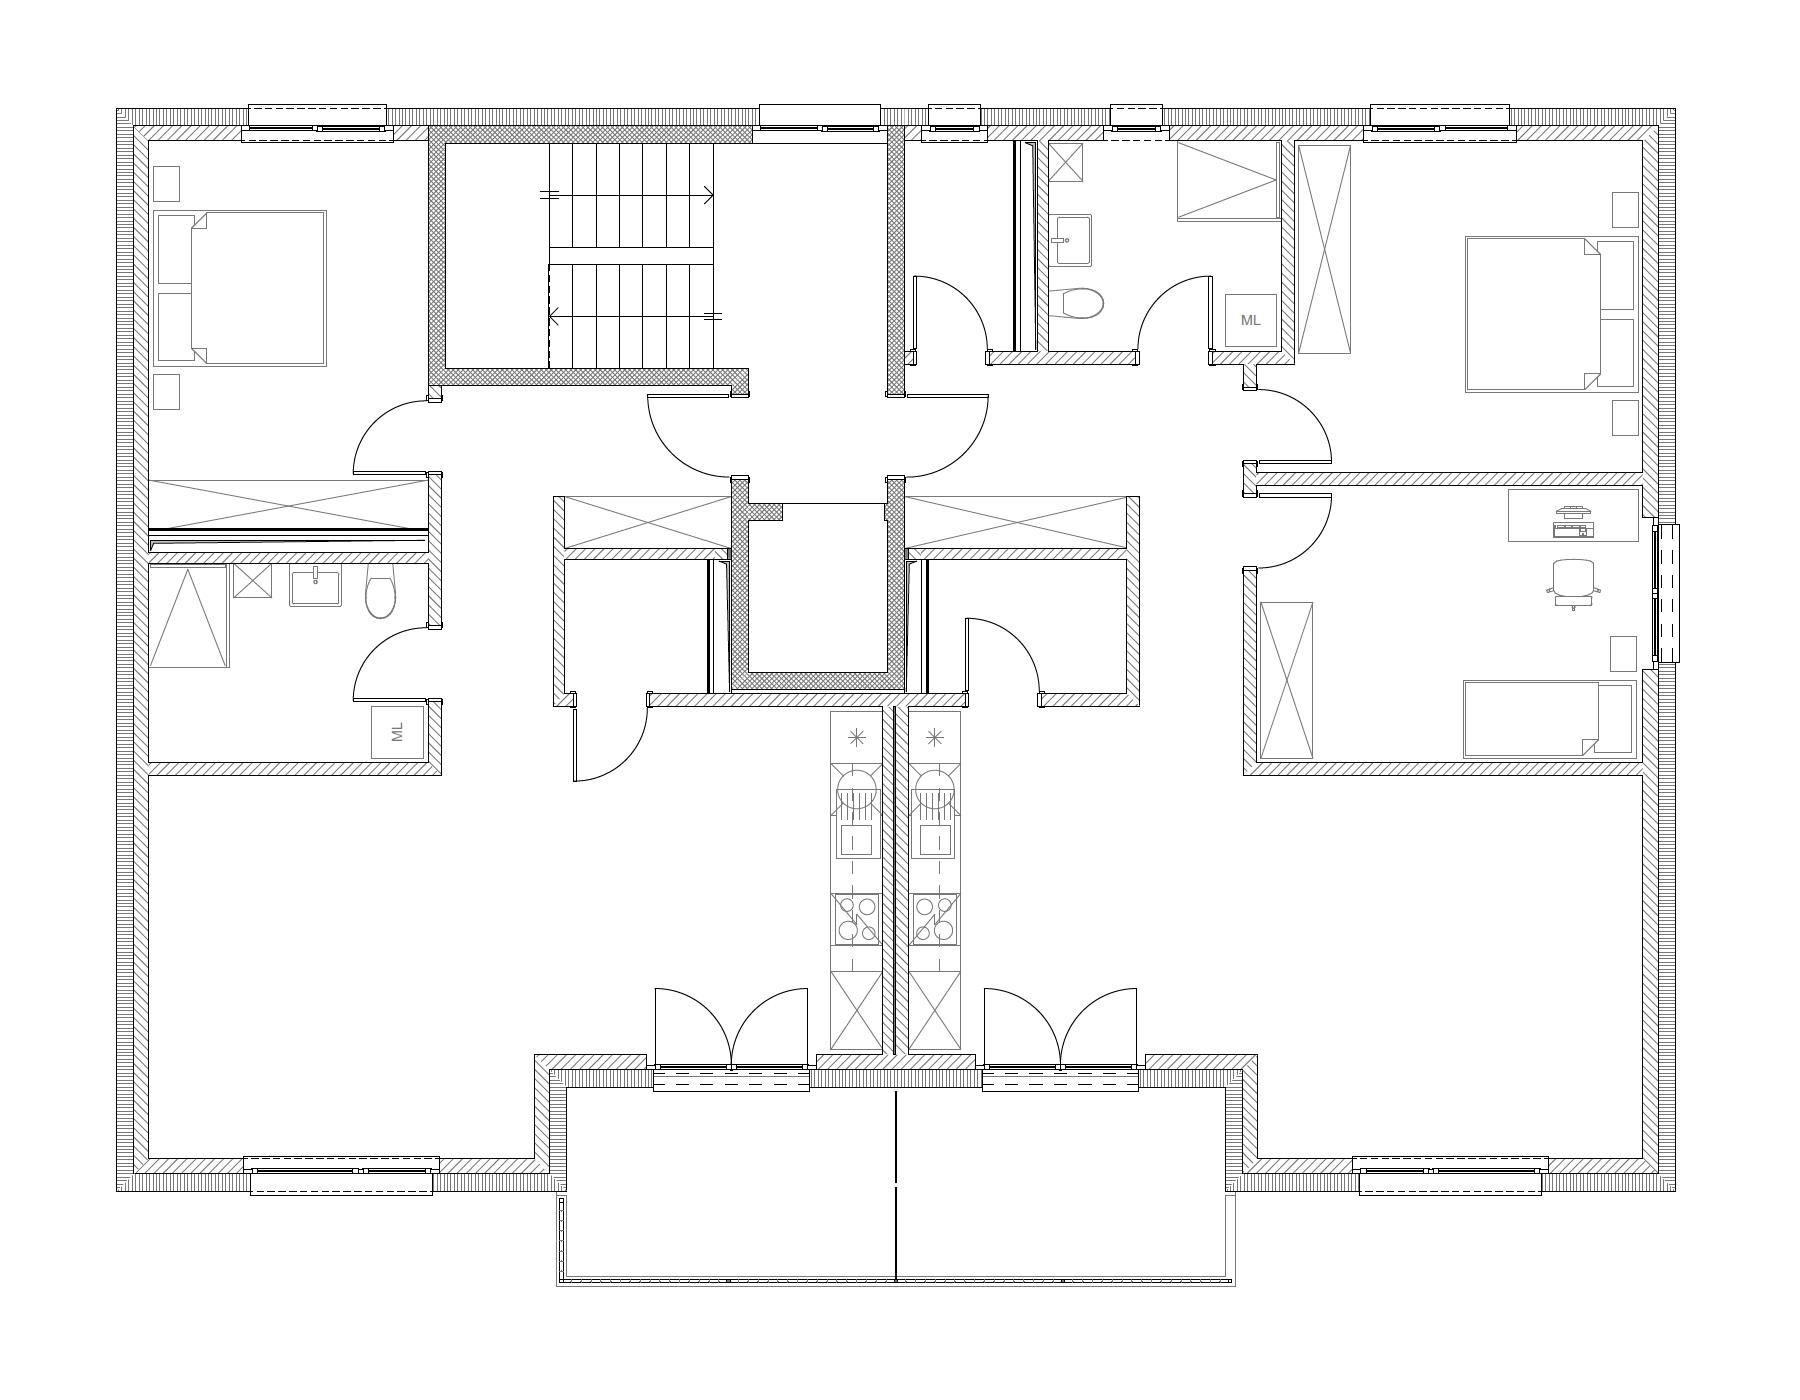 Bâtiment B, 2e étage